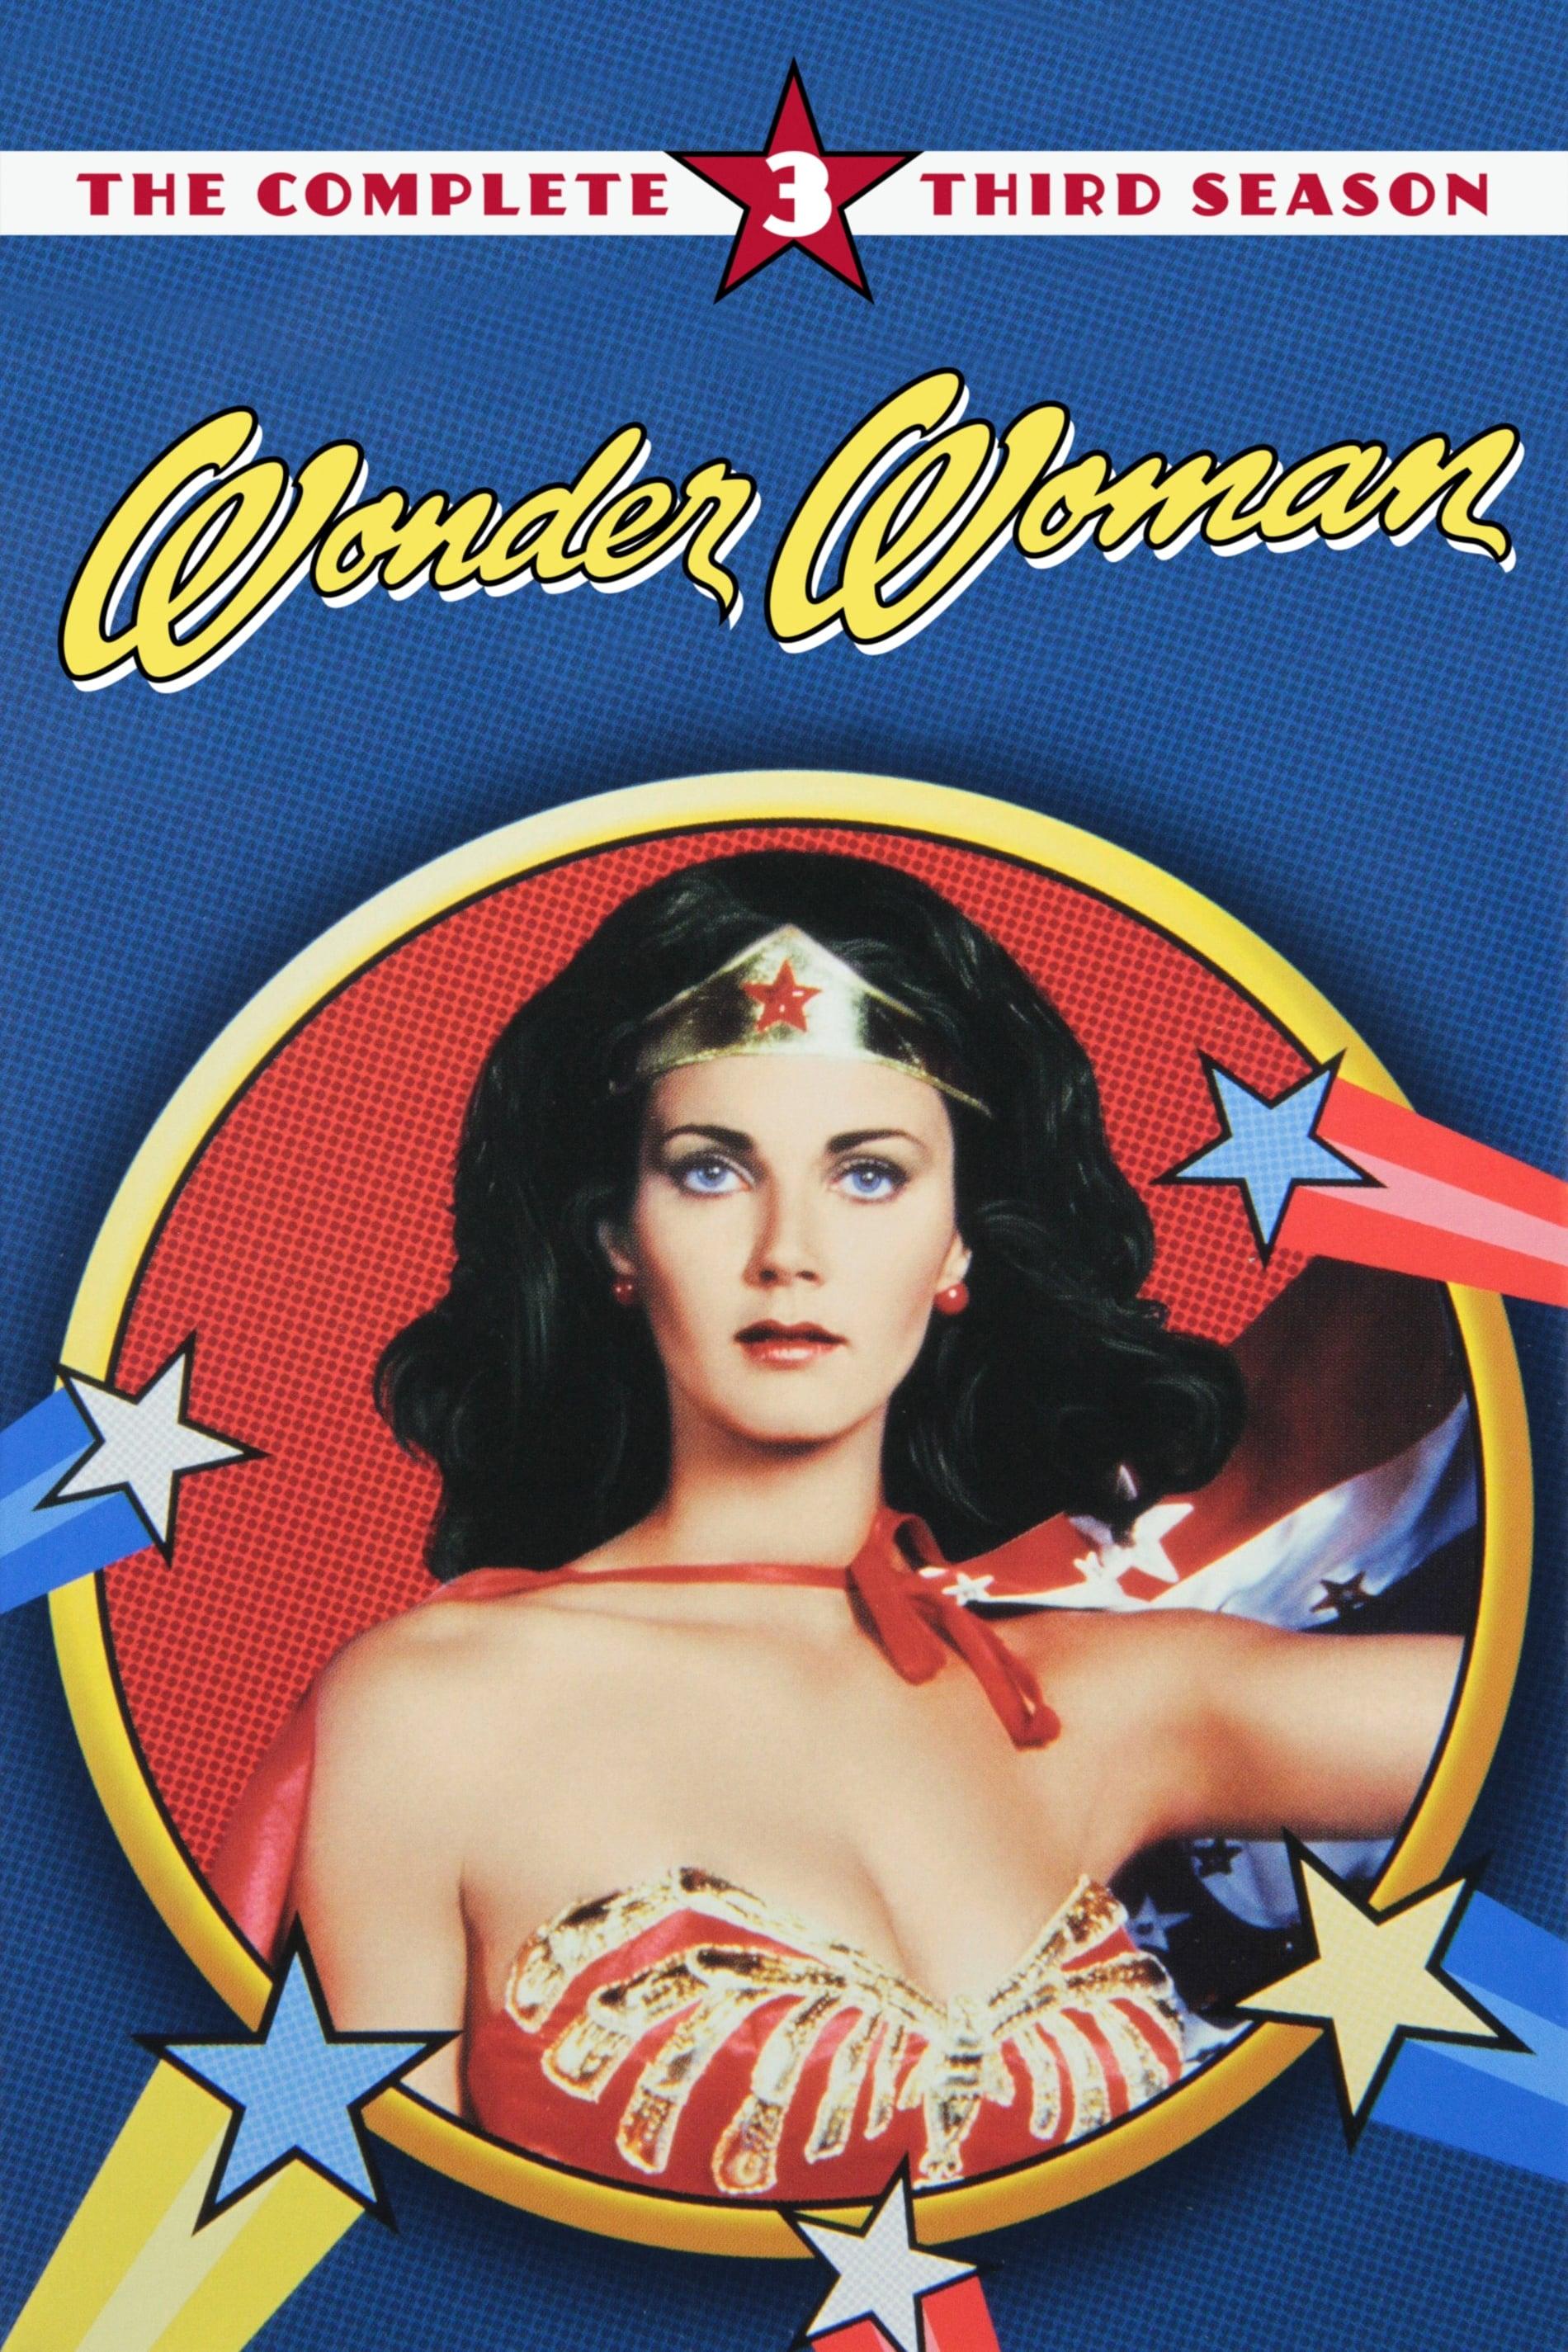 Wonder Woman Season 3